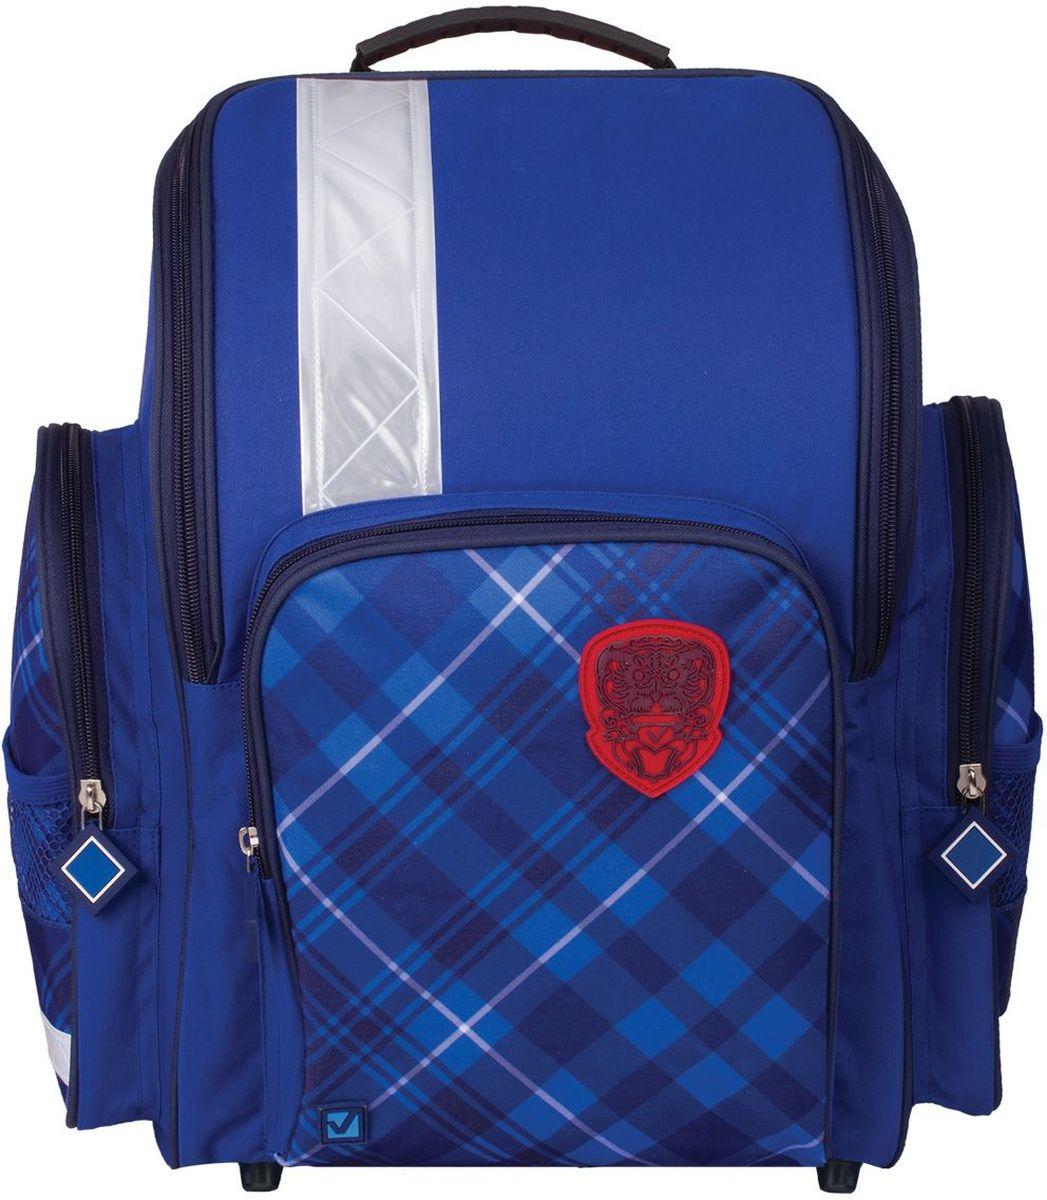 Brauberg Ранец школьный Оксфорд226276Школьный ранец Brauberg Оксфорд предназначен для мальчиков 7-10 лет. Ранец выполнен в лаконичном стиле, на переднем кармане расположена резиновая нашивка с логотипом. Такая модель будет универсально смотреться как со школьной формой, так и с любой другой одеждой.Содержит ранец одно вместительное отделение, закрывающееся на застежку-молнию с двумя бегунками, а также два боковых кармана на молнии. Лицевая сторона оснащена накладным карманом на застежке-молнии.Формоустойчивая спинка выполнена из EVA. Прочное дно с пластиковыми ножками обеспечивает ранцу хорошую устойчивость.Мягкие анатомические лямки позволяют легко и быстро отрегулировать ранец в соответствии с ростом. Ранец оснащен ручкой с резиновой насадкой для удобной переноски в руке. Светоотражающие элементы не оставят незамеченным вашего ребенка в темное время суток.Вес ранца - 680 г.